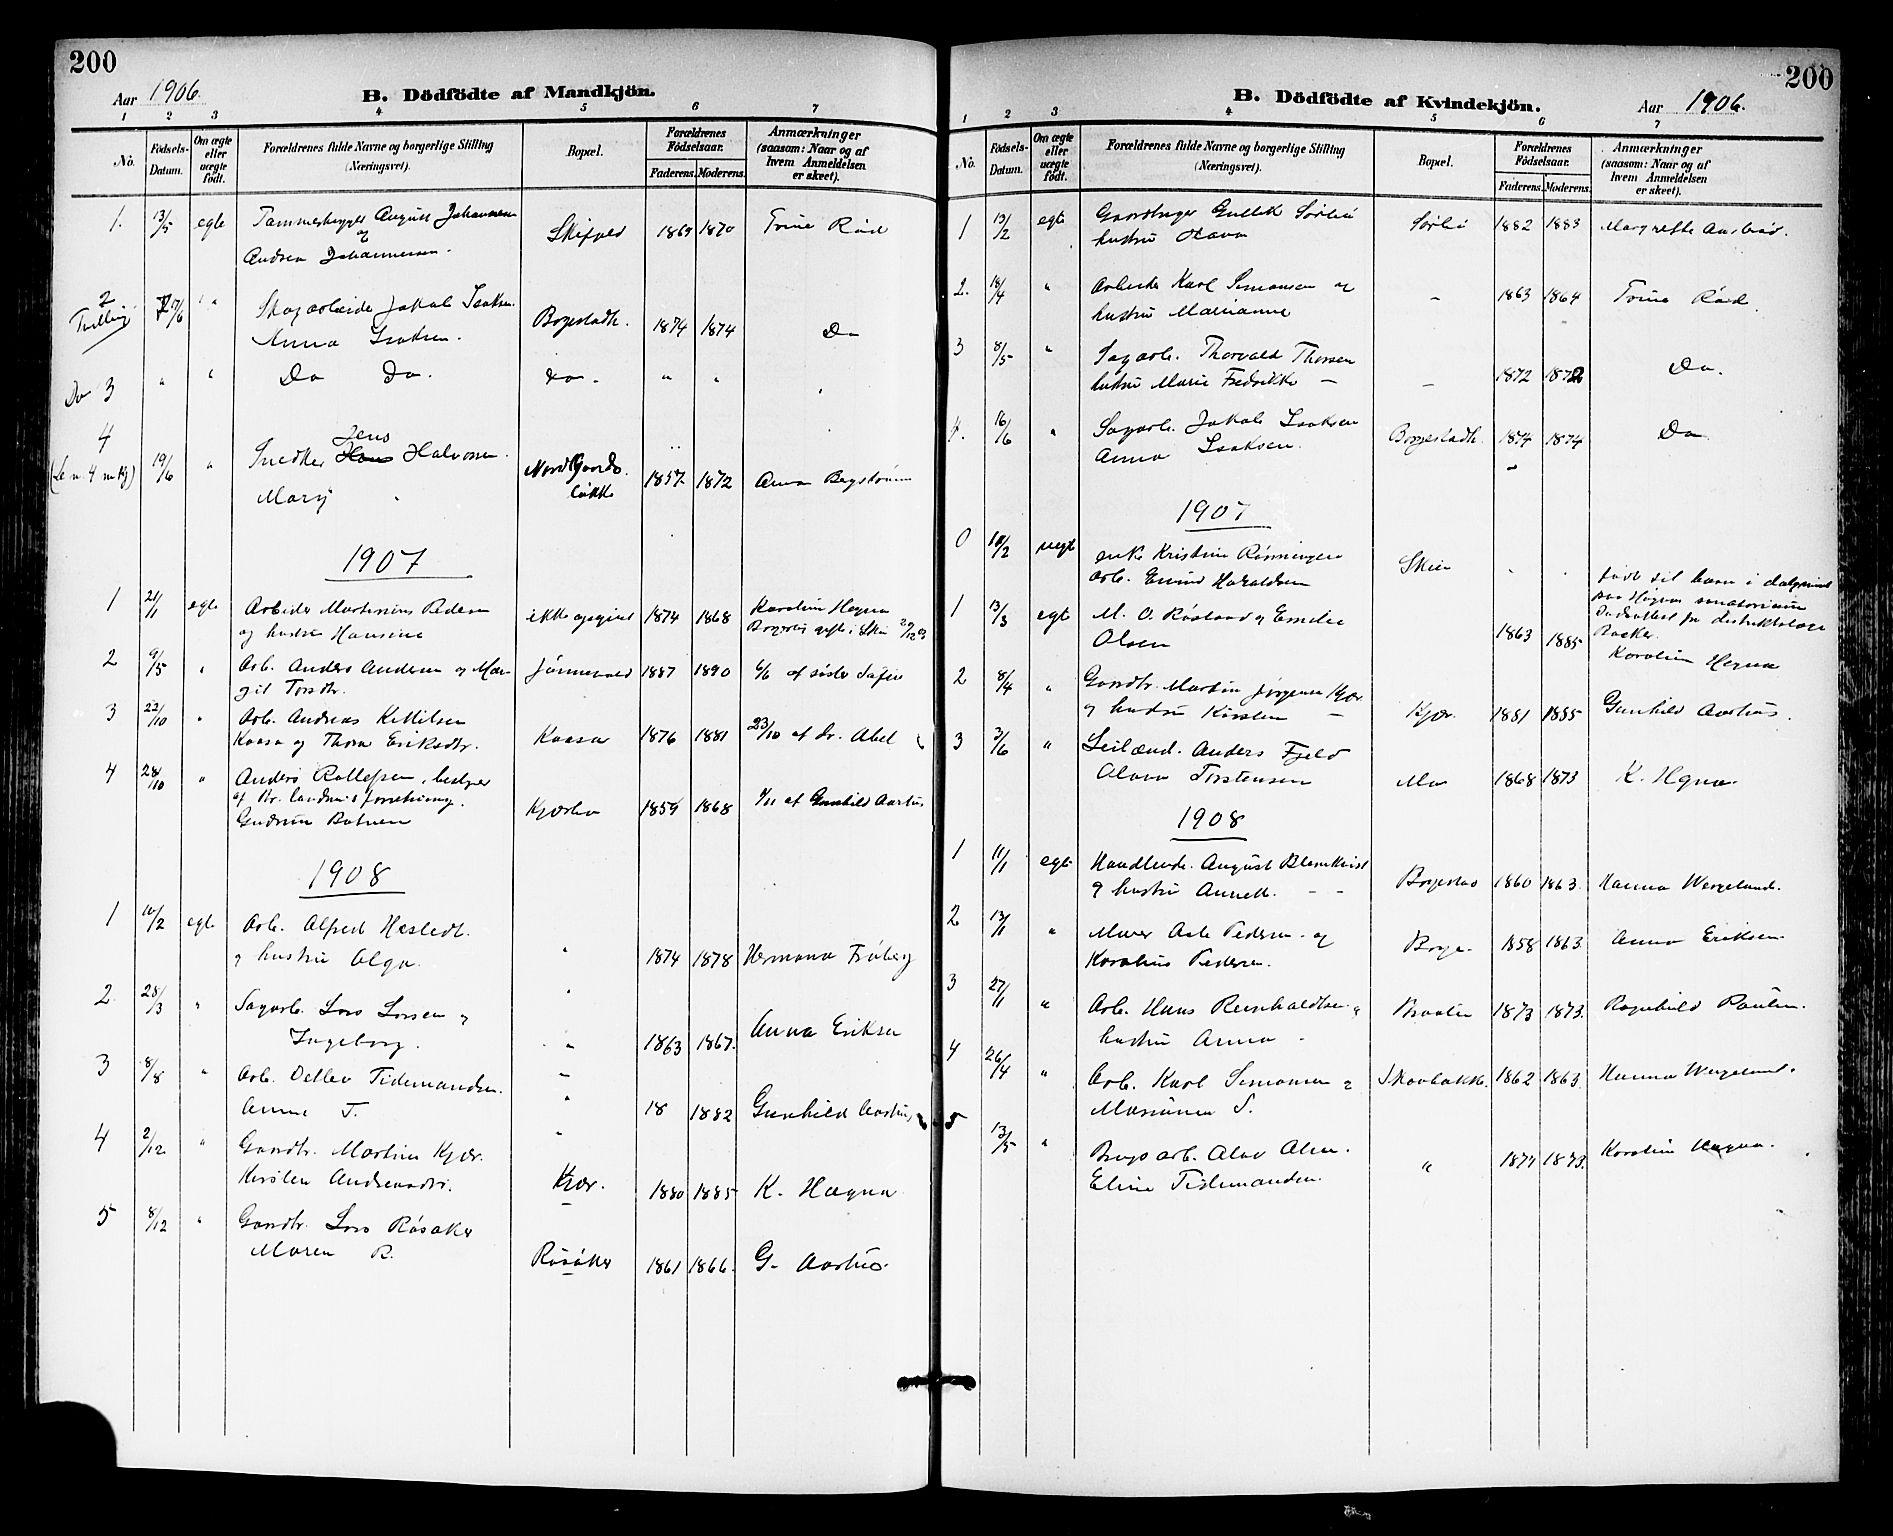 SAKO, Gjerpen kirkebøker, G/Ga/L0003: Klokkerbok nr. I 3, 1901-1919, s. 200